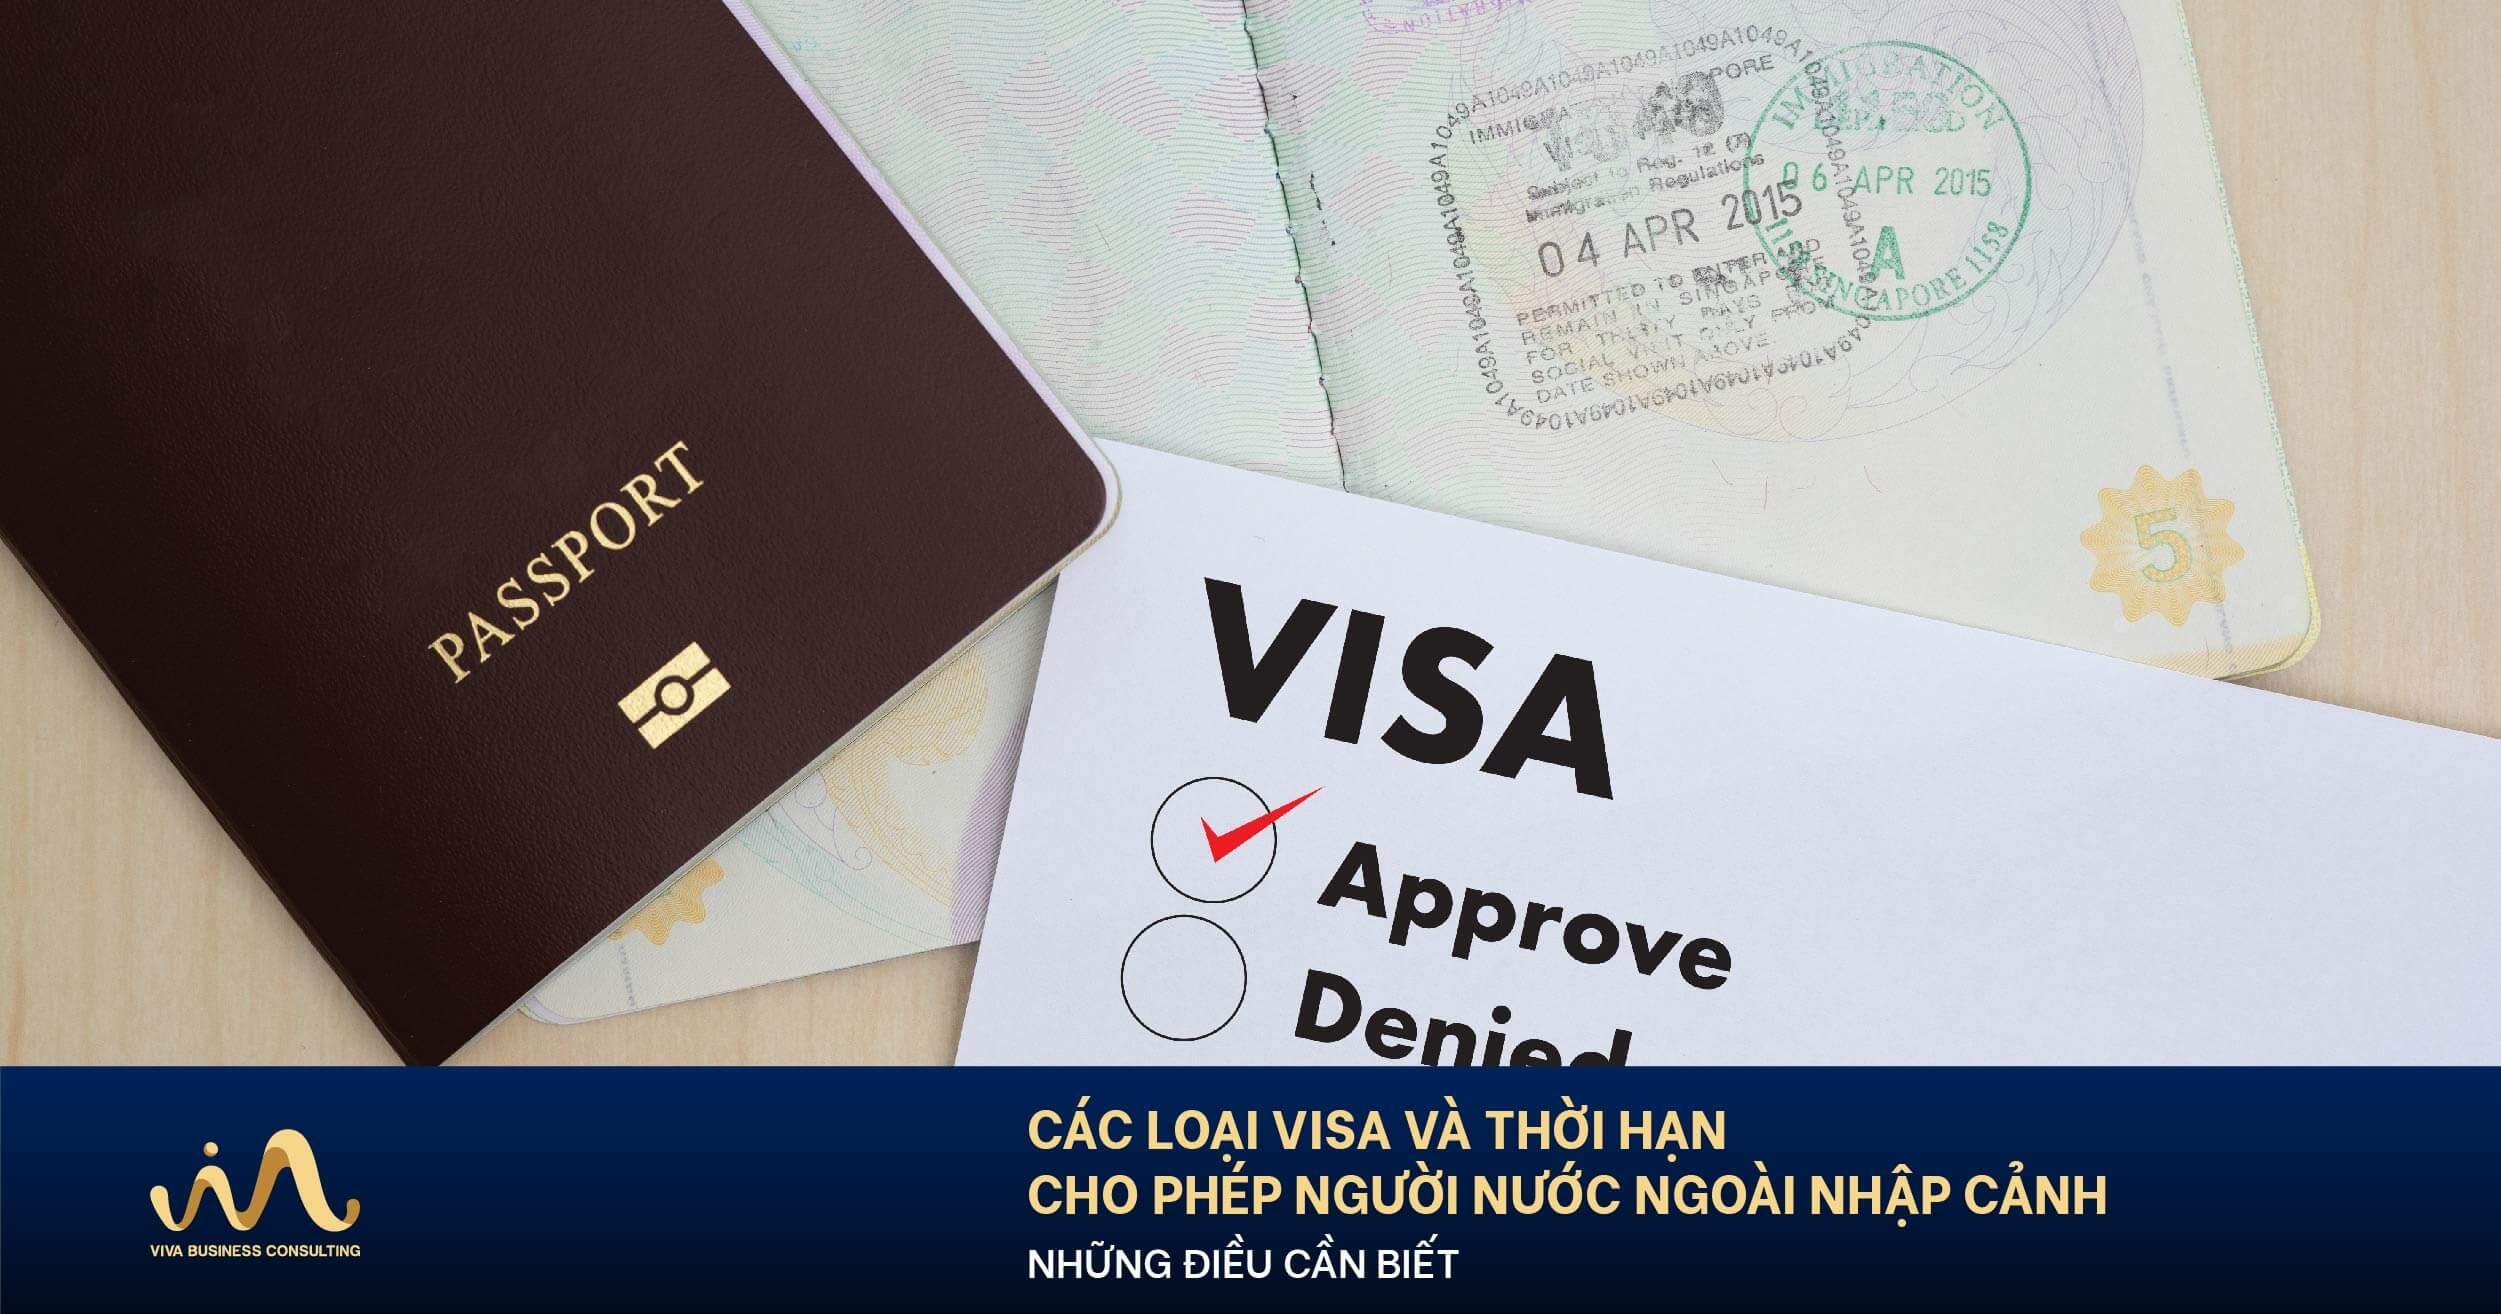 Các Loại Visa Và Thời Hạn Cho Phép Người Nước Ngoài Nhập Cảnh - Những Điều Cần Biết